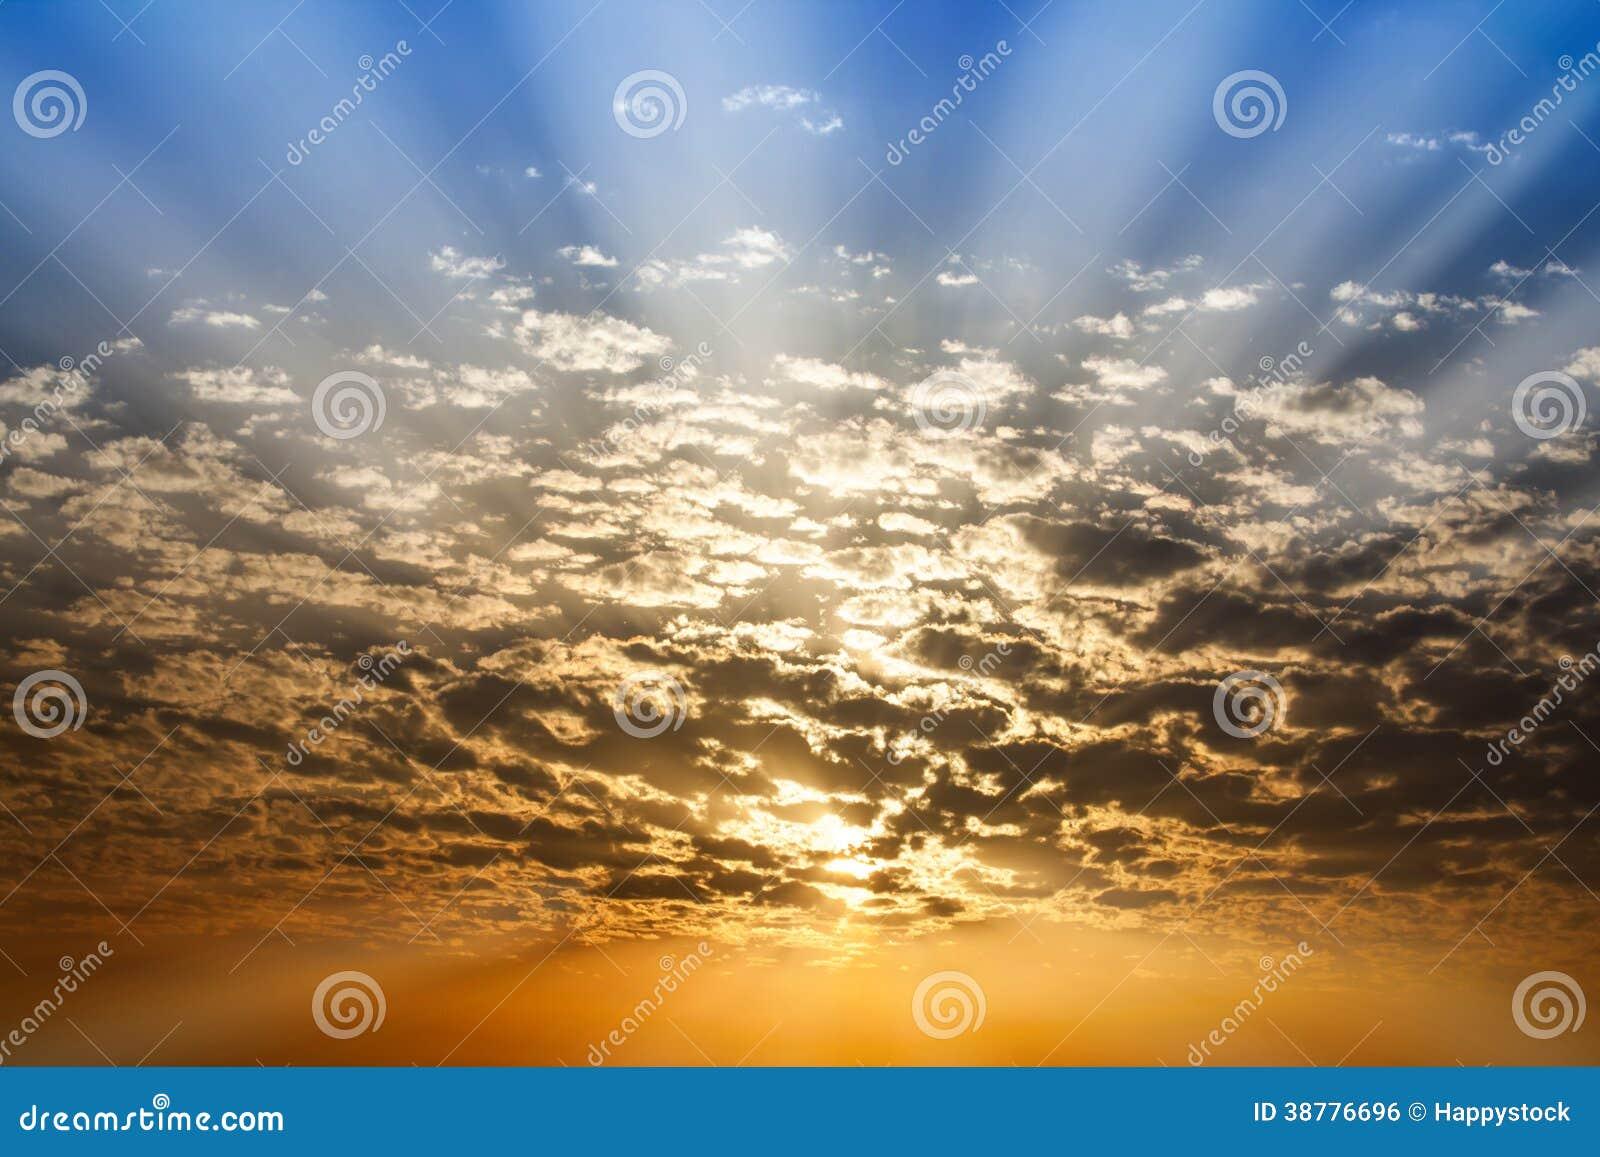 Ηλιαχτίδα μέσω του μπλε και πορτοκαλιού ουρανού σύννεφων